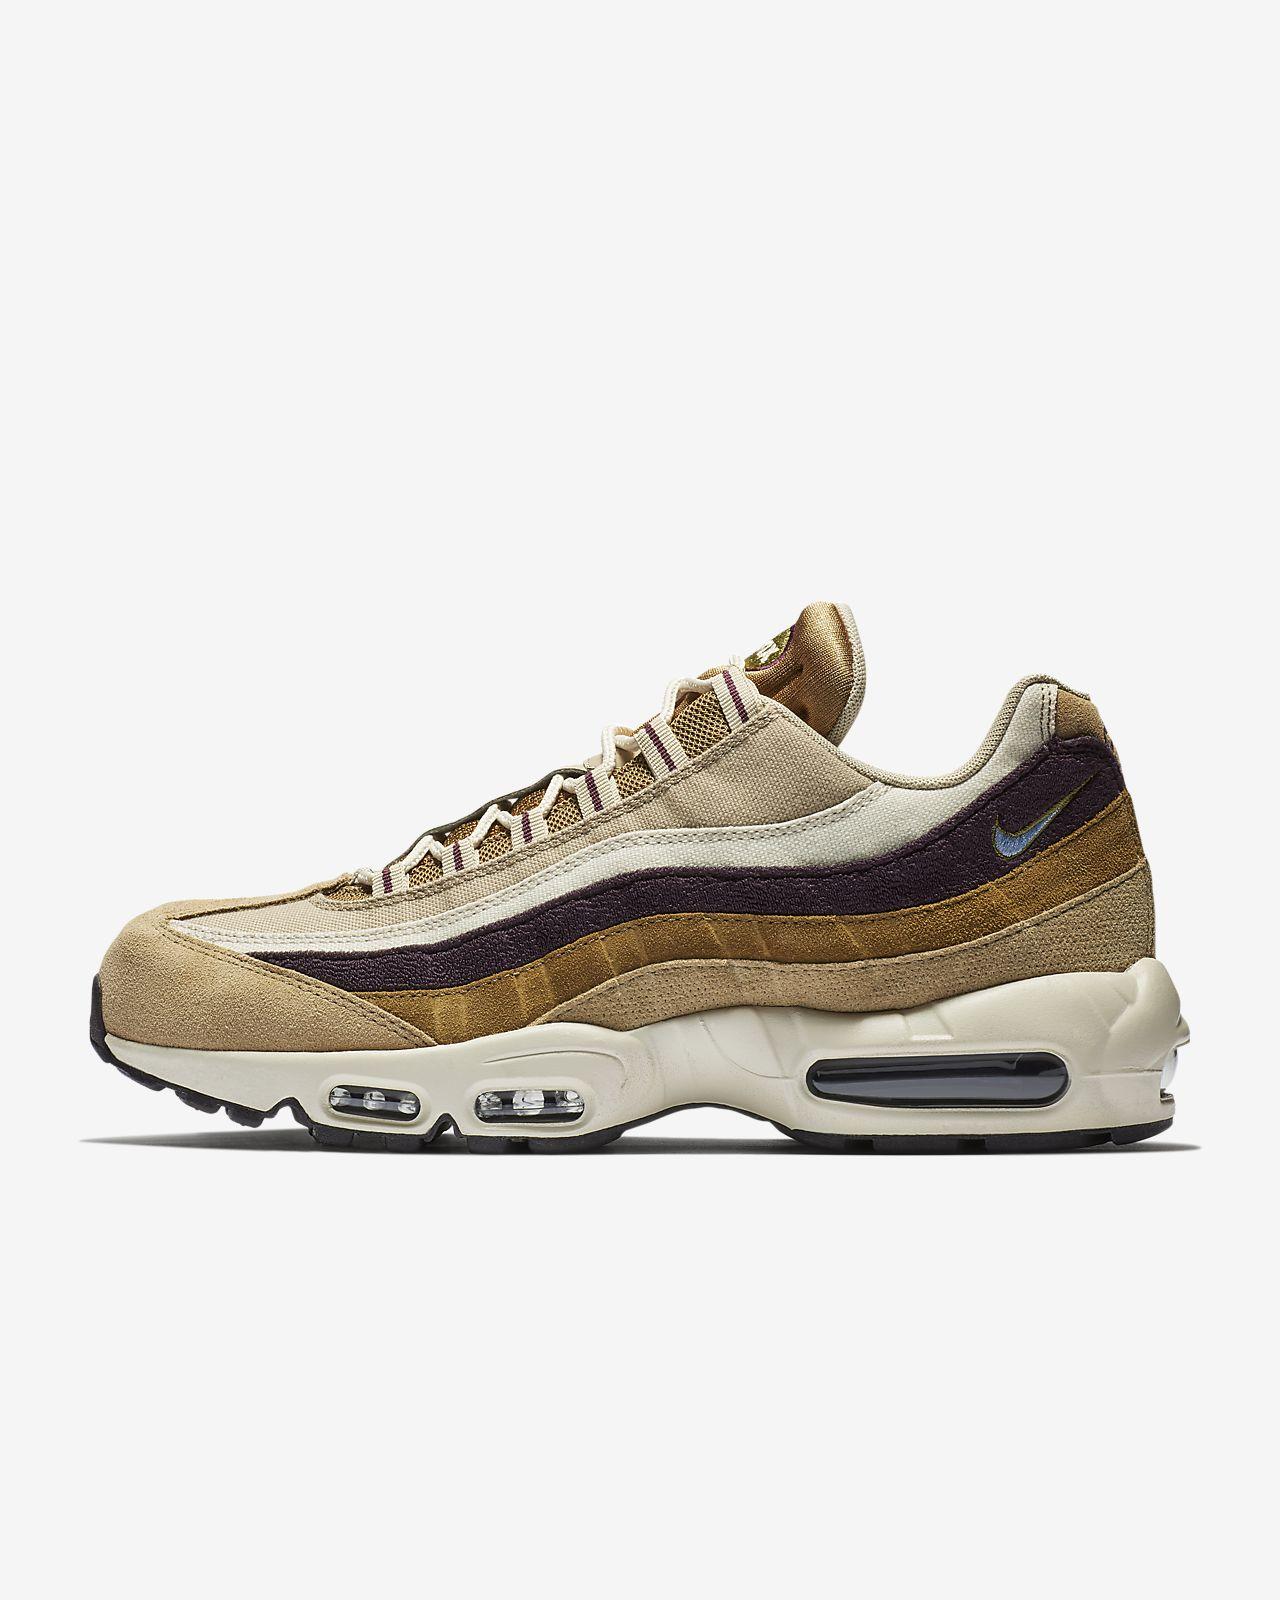 size 40 064a2 a92c6 Nike Air Max 95 Premium